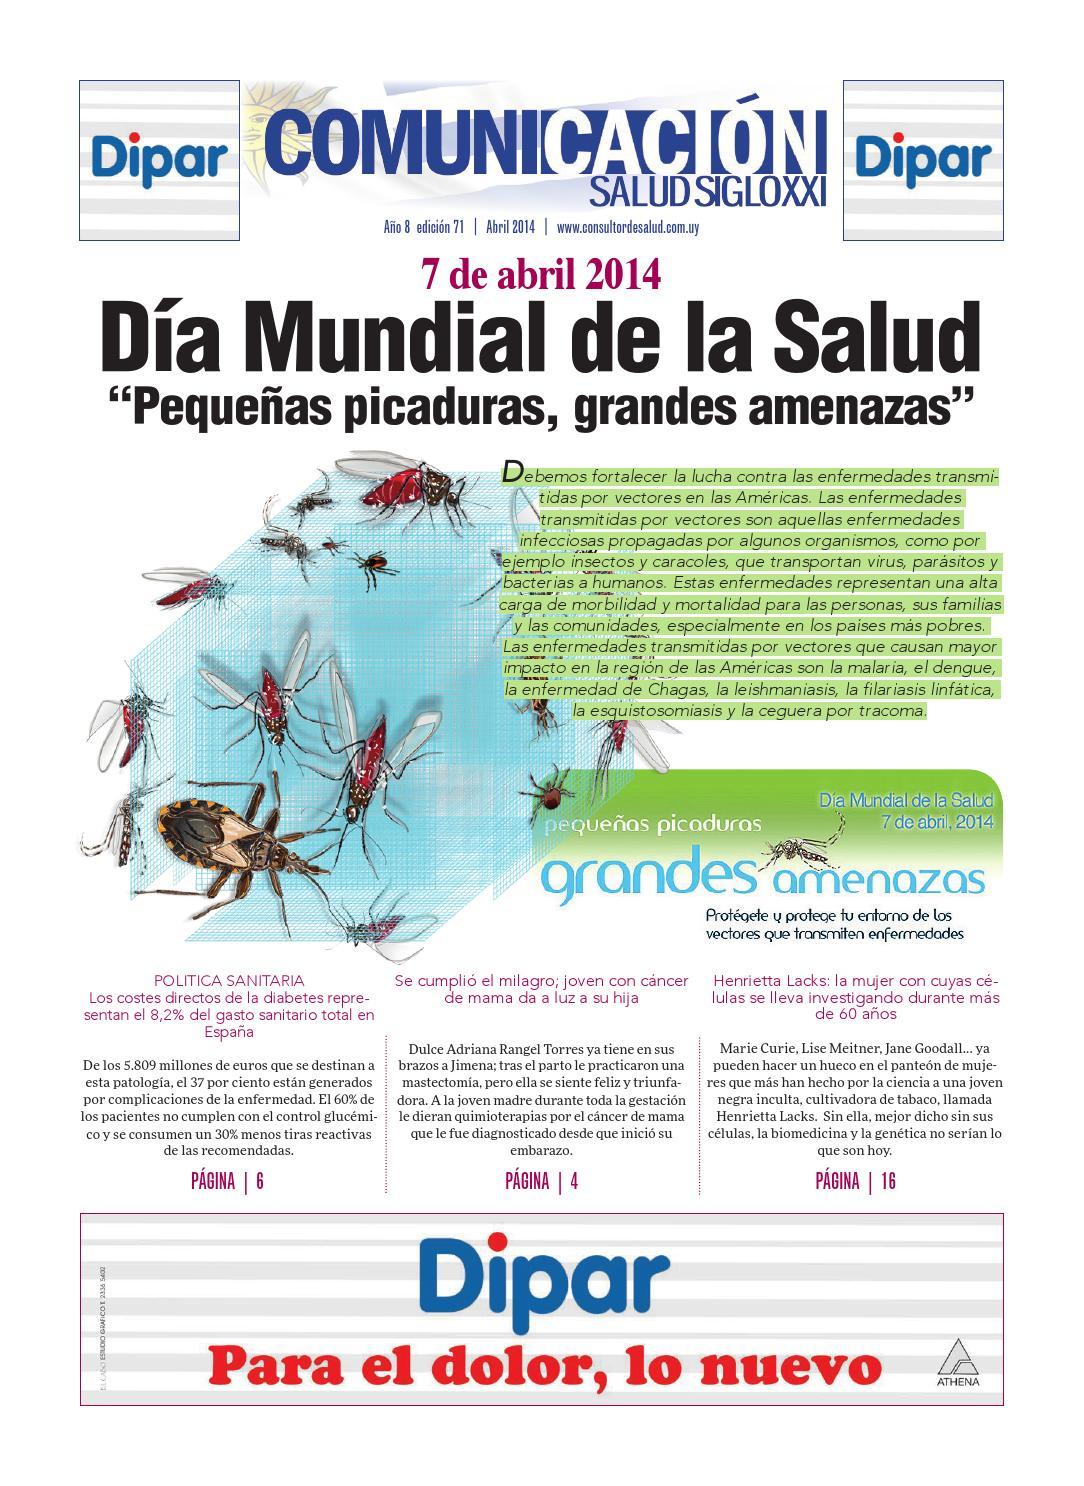 Comunicación Salud Siglo XII - #71 by Comunicación Salud SXXI - issuu